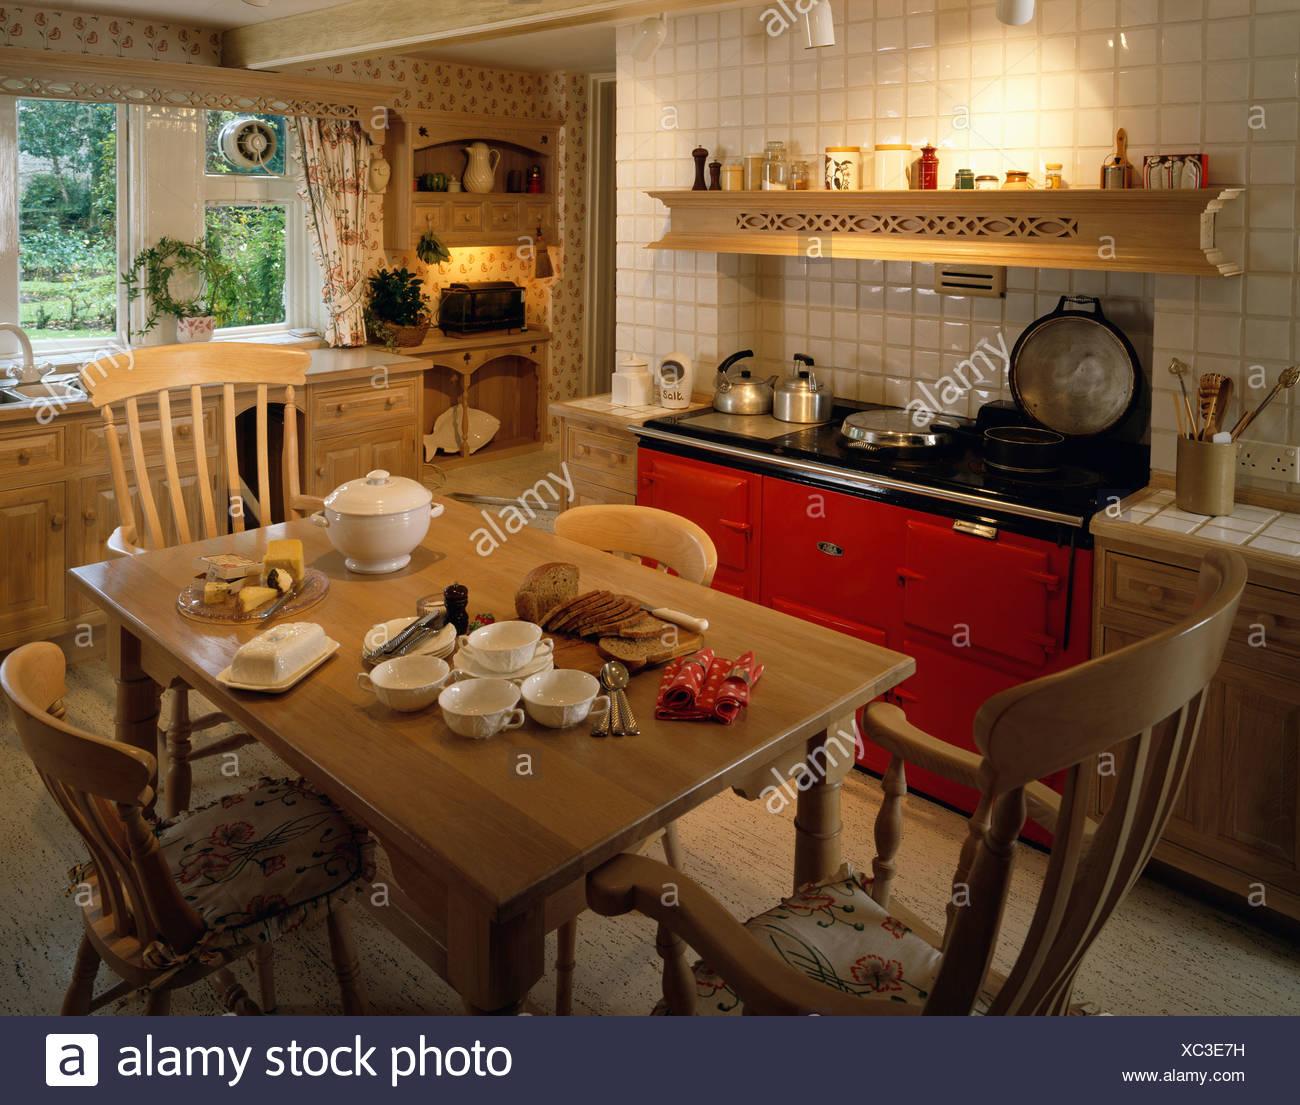 Gemütlich Kücheninseln Mit Stühlen Uk Zeitgenössisch - Ideen Für Die ...